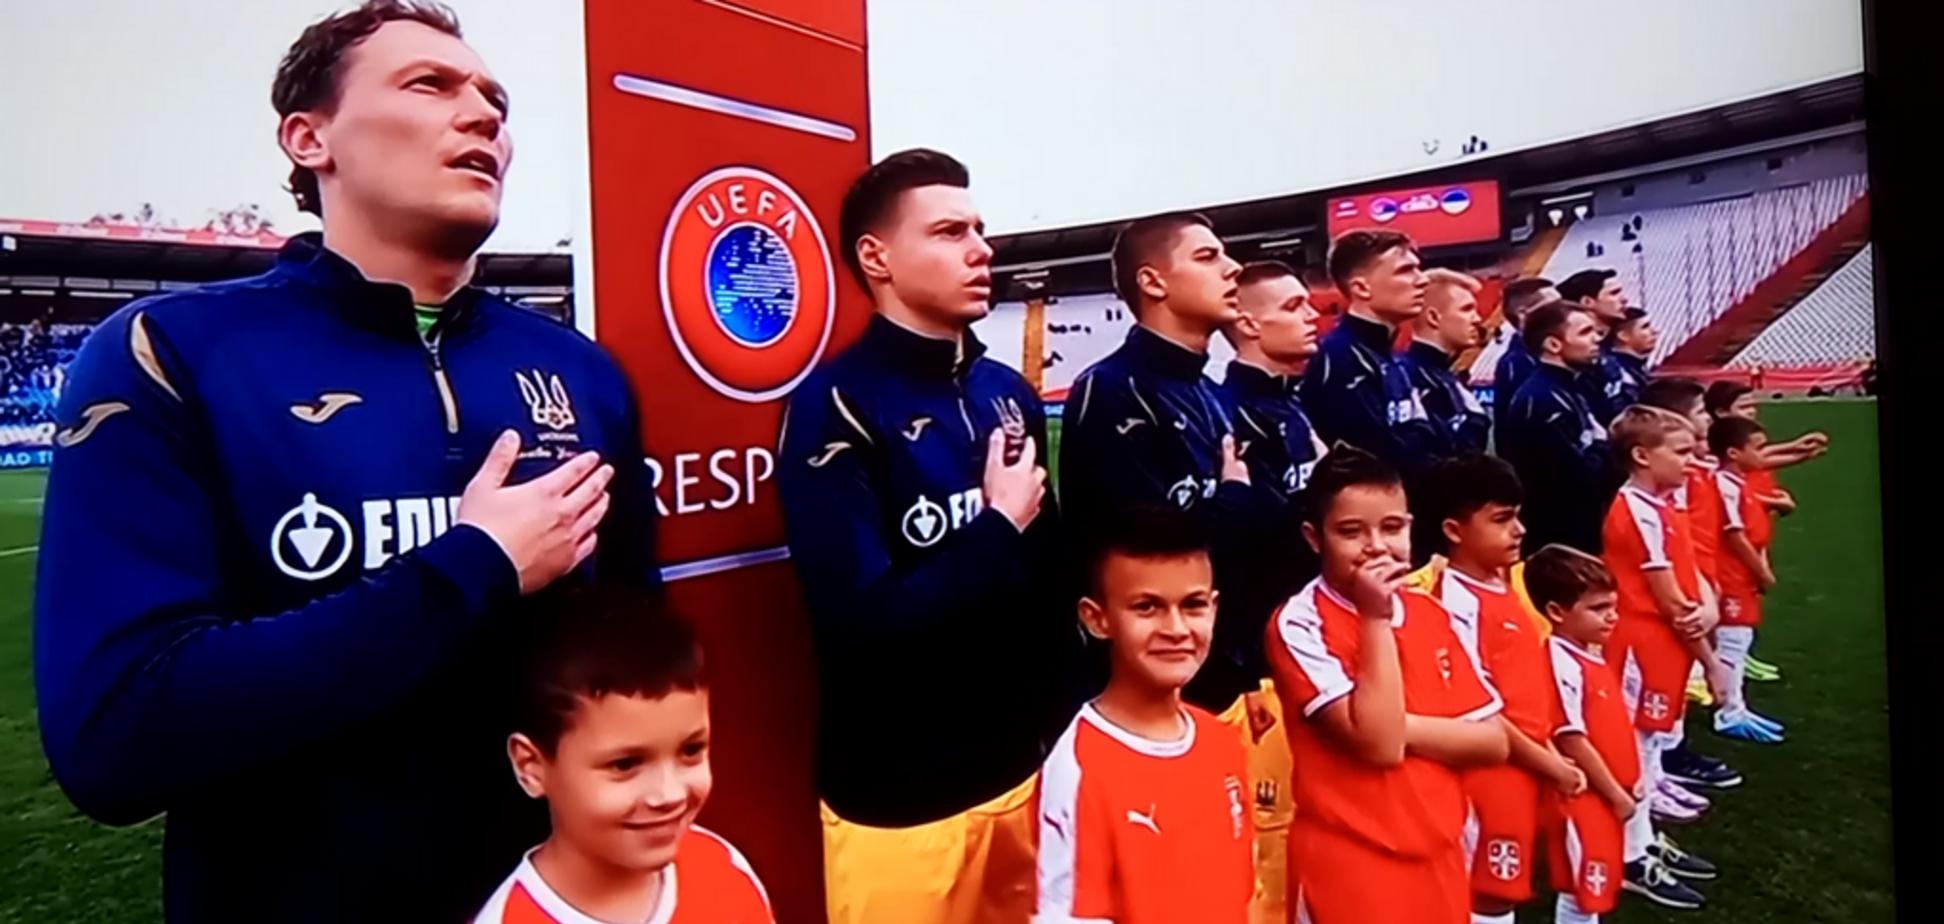 Потужний гімн України на стадіоні в Сербії: з'явилося відео